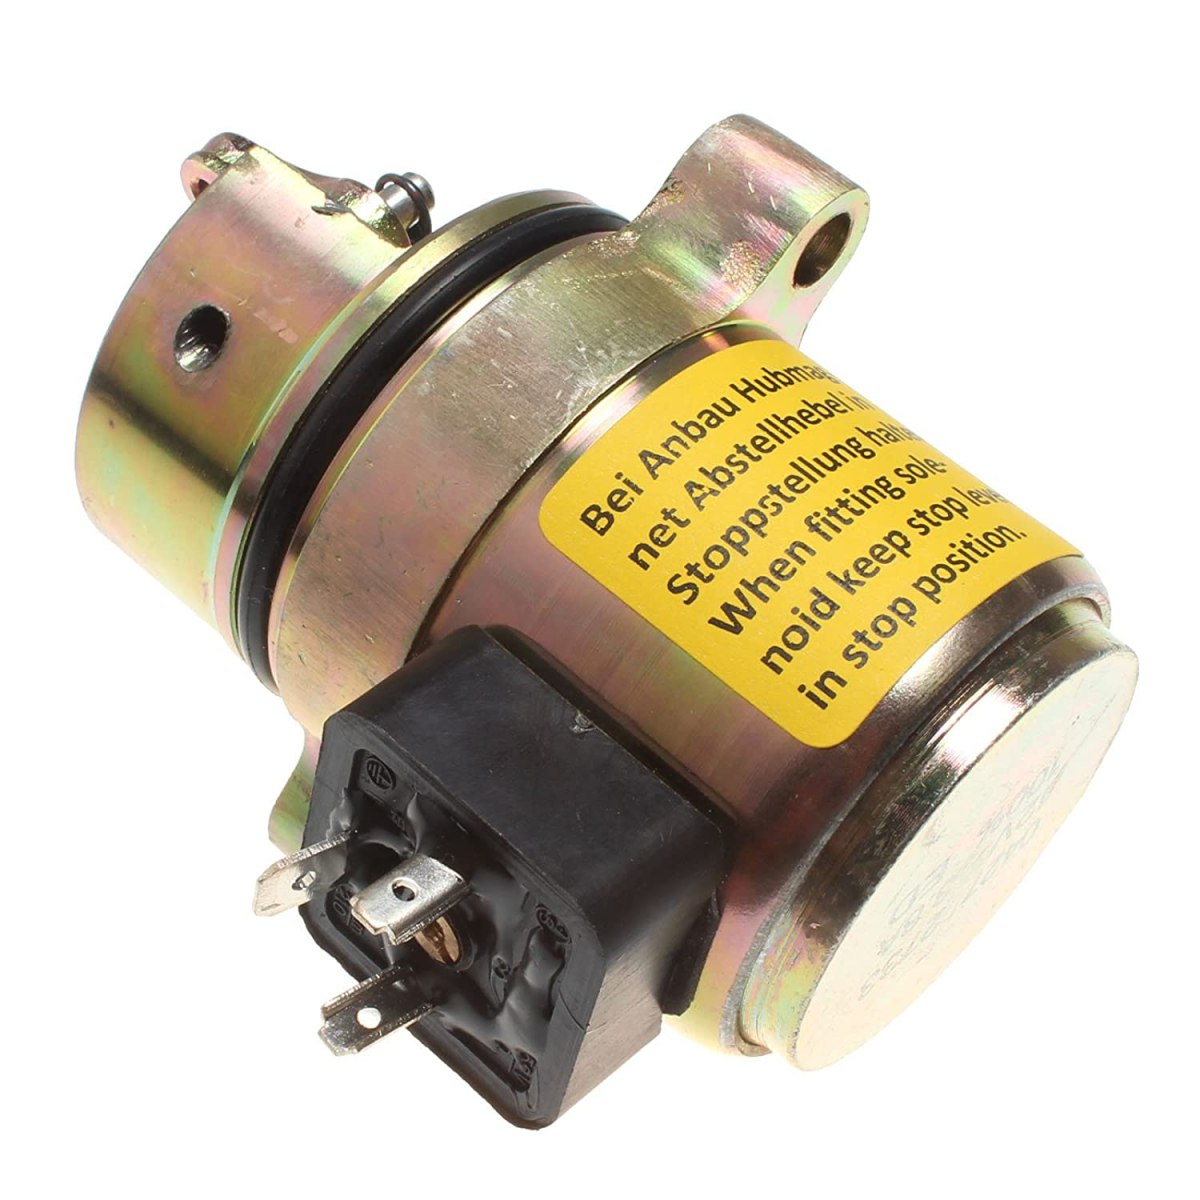 Transmission Solenoid Holdwell Fuel Shut Off Solenoid 04170534R for Deutz BF4M1011F Bobcat Skid Steer Loader 12Vdc